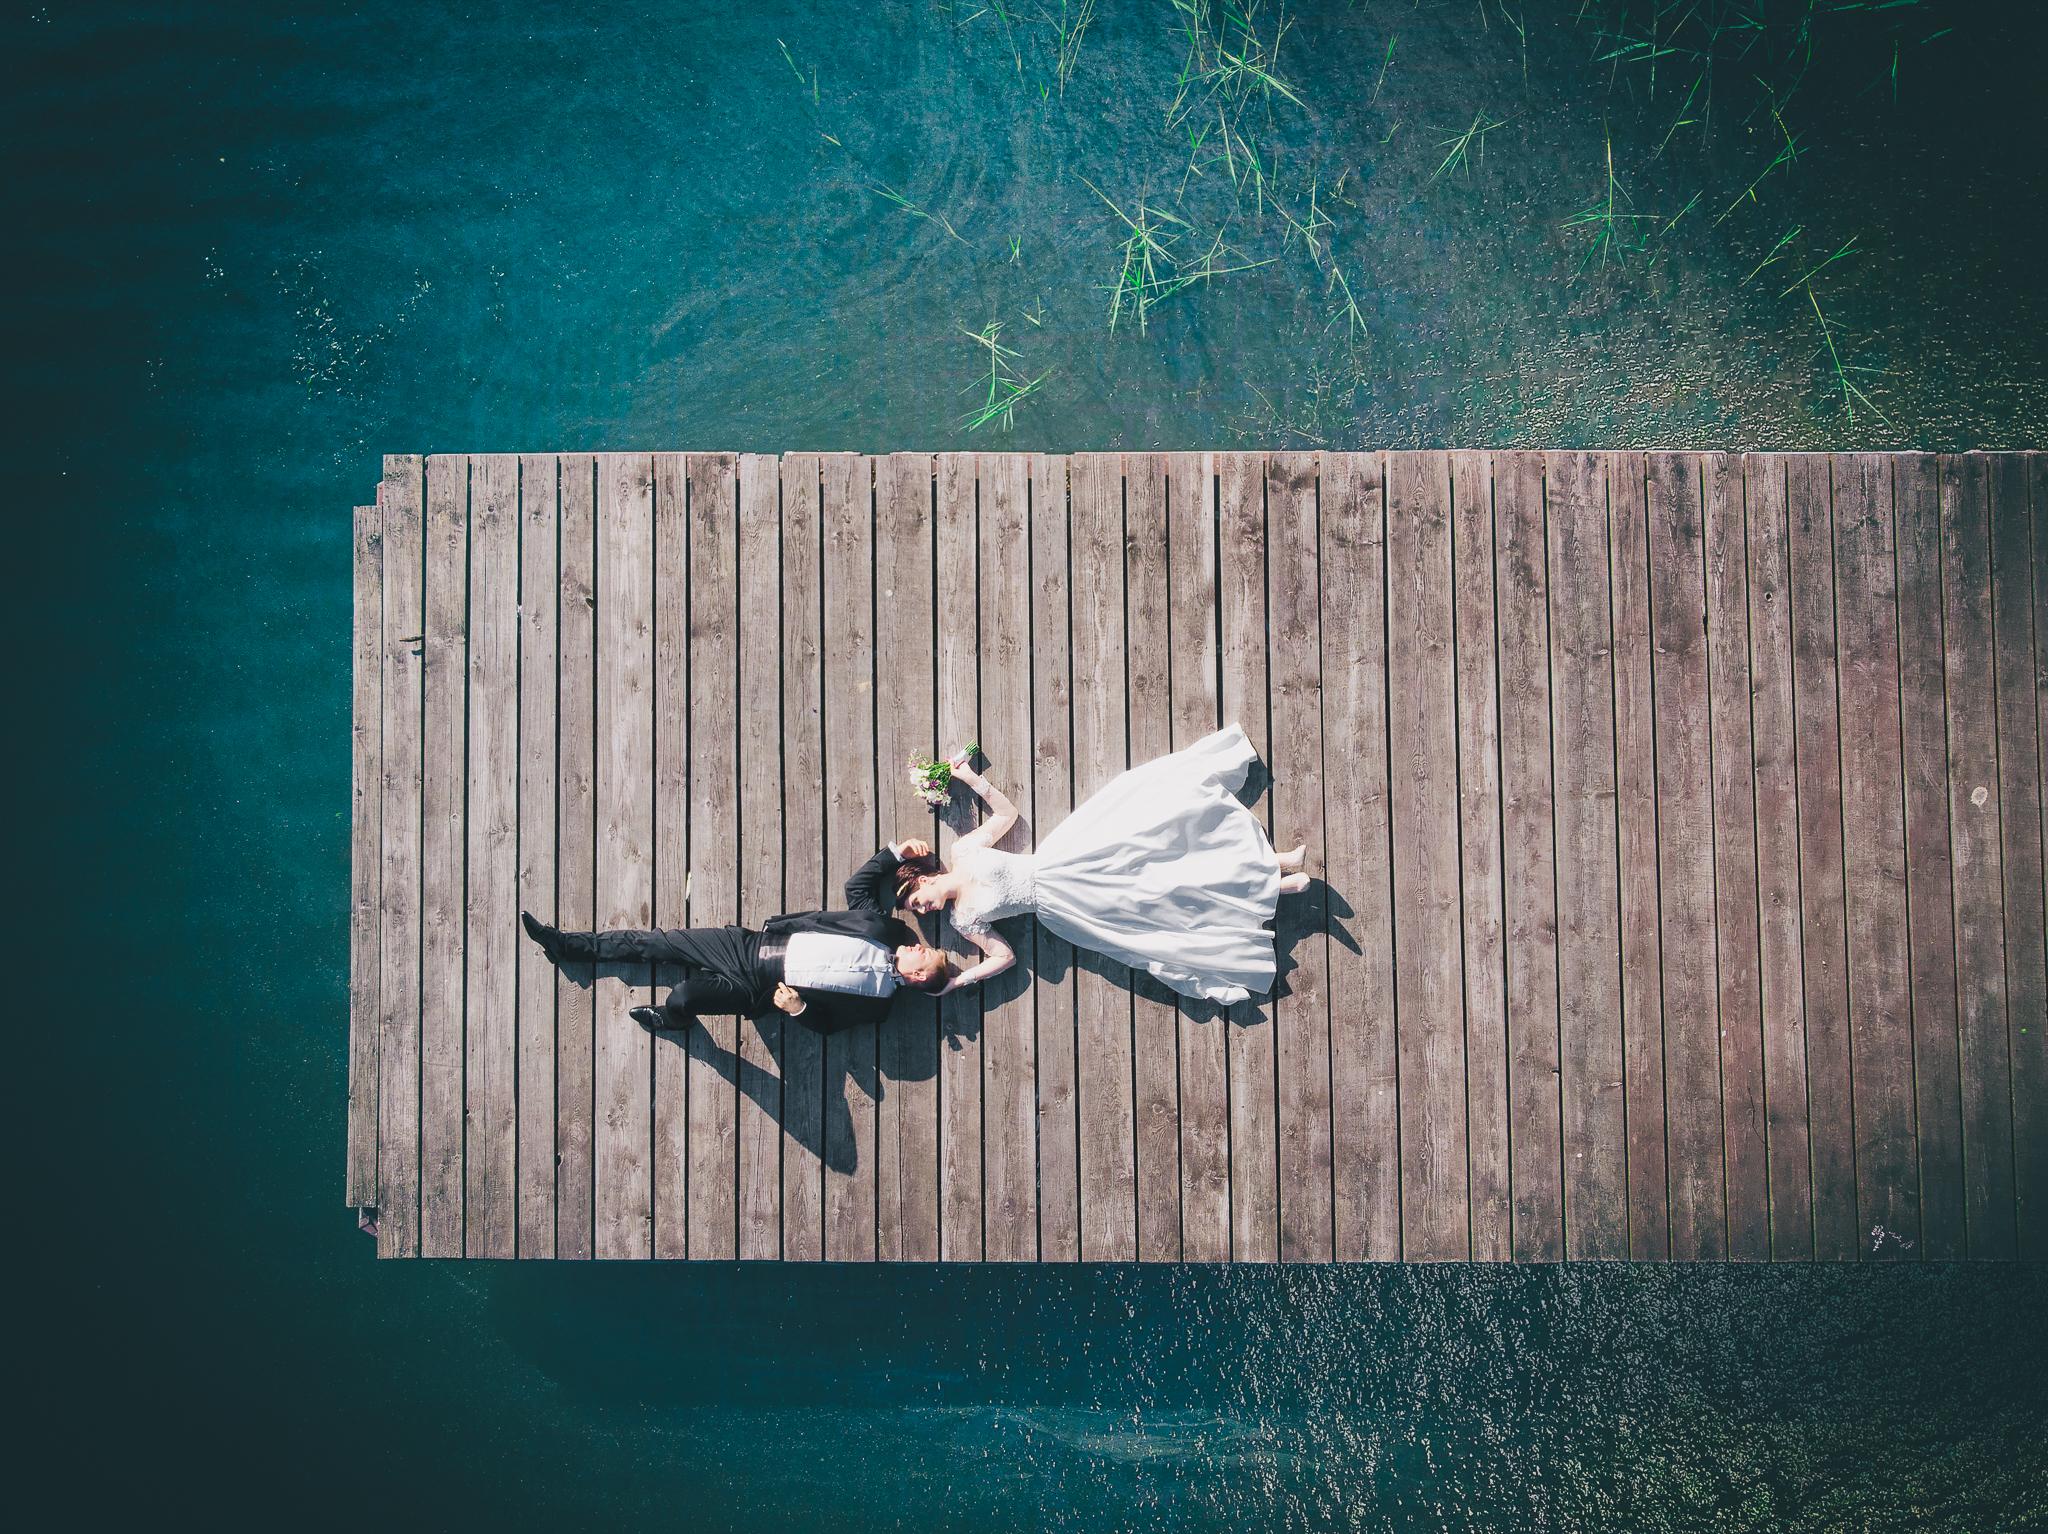 0012_Daria&Szymon__slub_grabow_nad_prosna_wesele_dworek_w_grabowie__fotografia_slubna_________www_amfoto_pl_DJI_0145.jpg